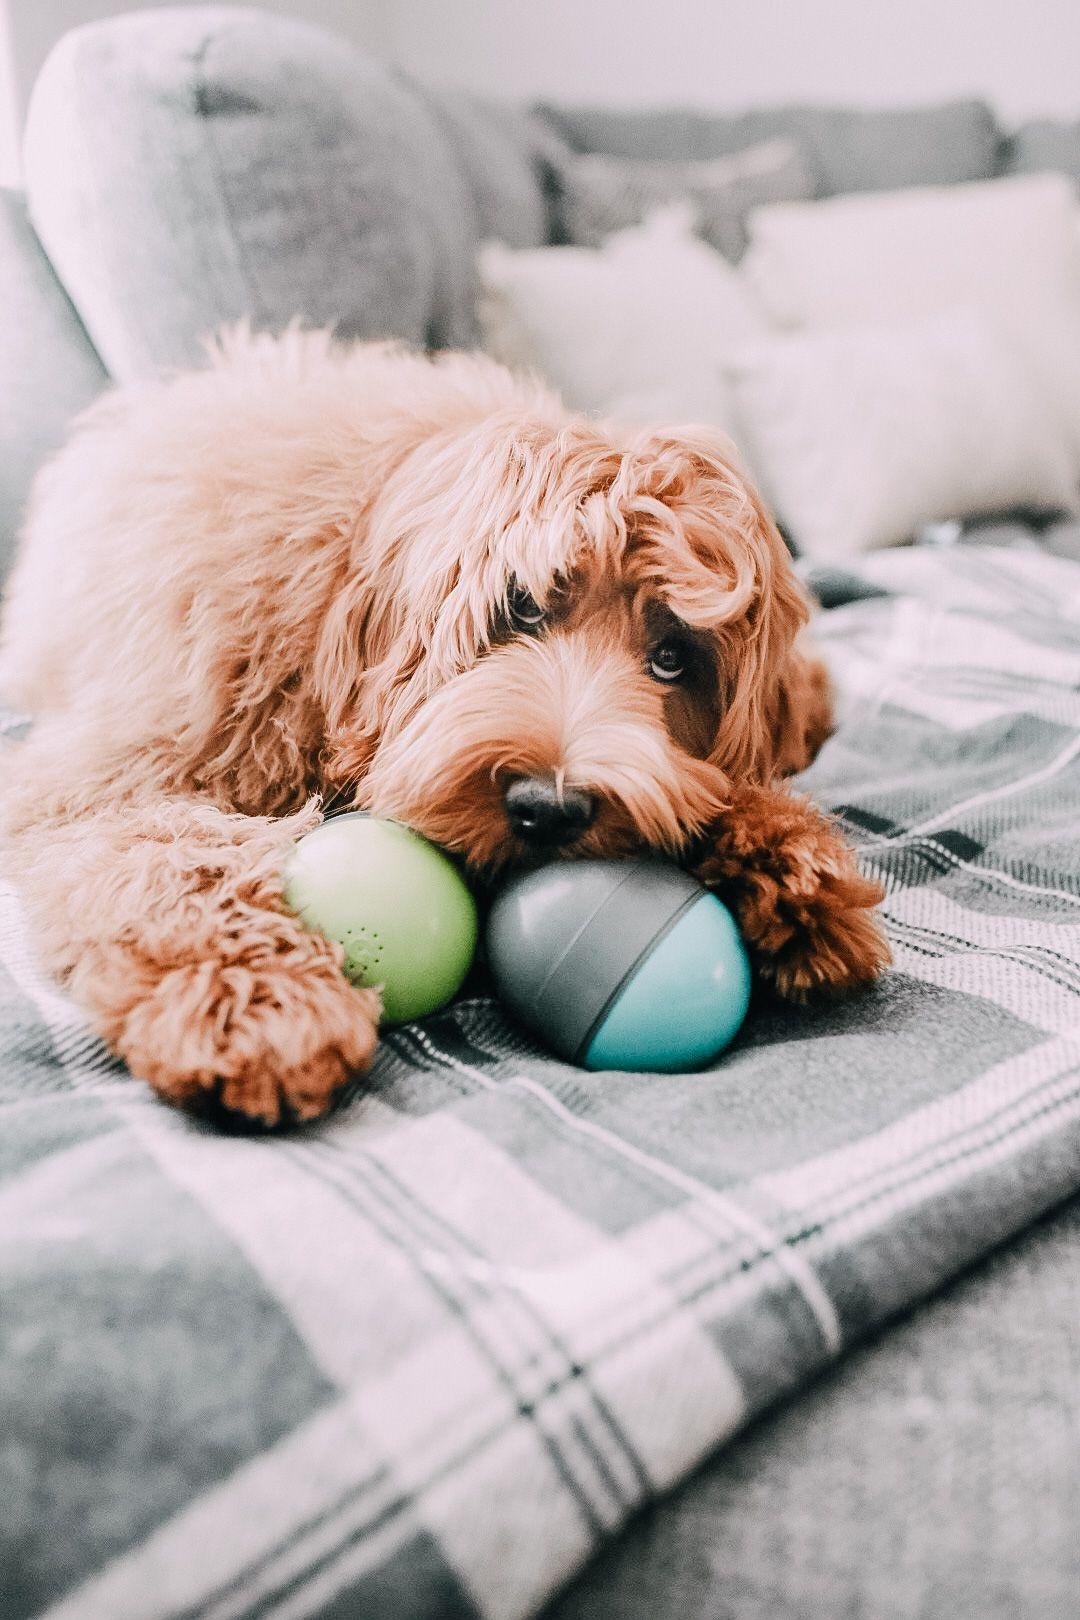 Ricochet Electronic Dog Toy Dogs, Dog toys, Electronic